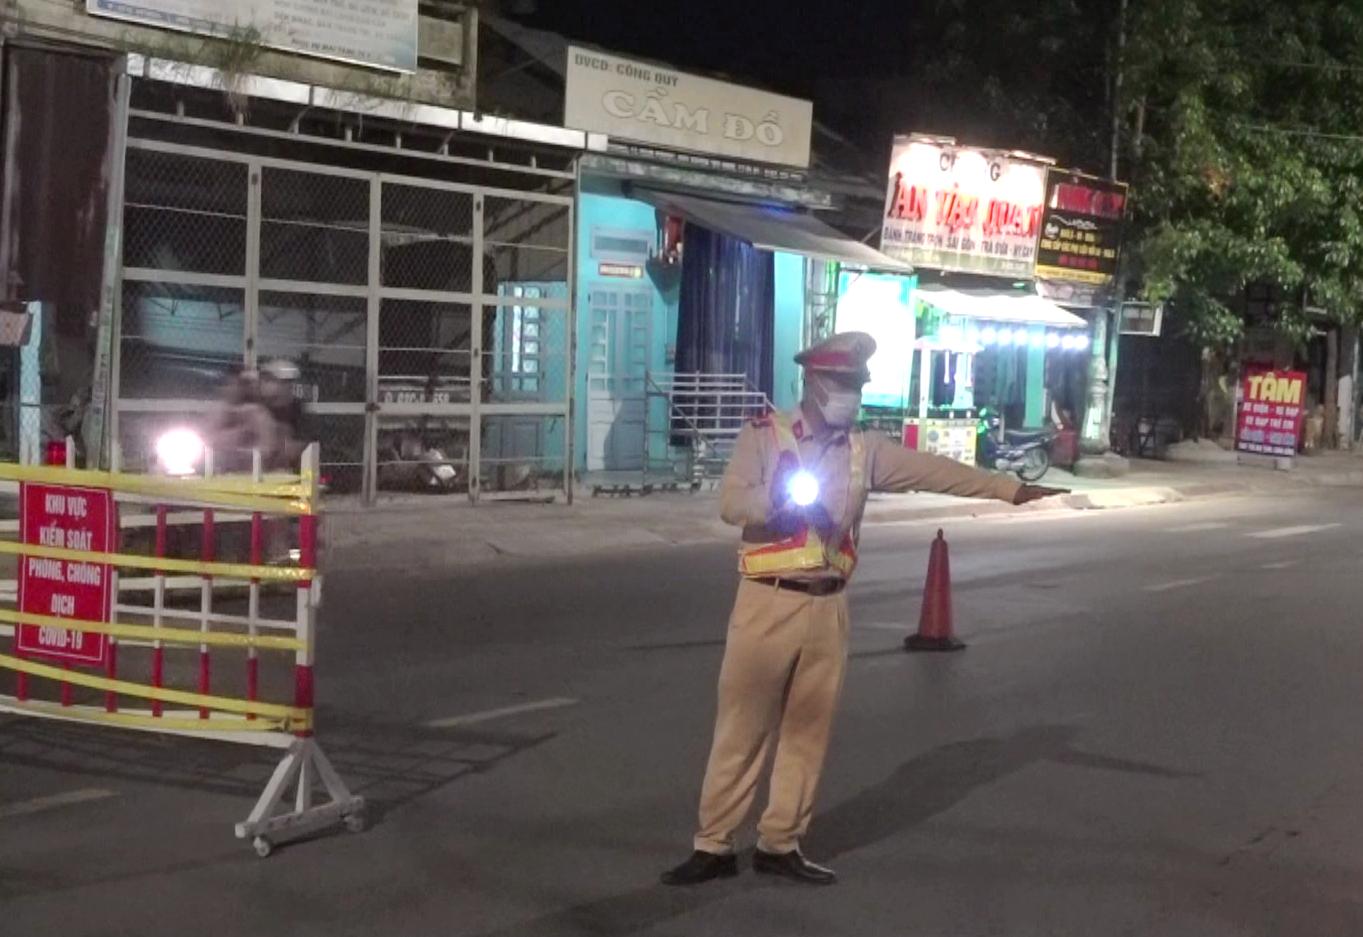 CBCS Công an làm nhiệm vụ ban đêm tại chốt kiểm dịch